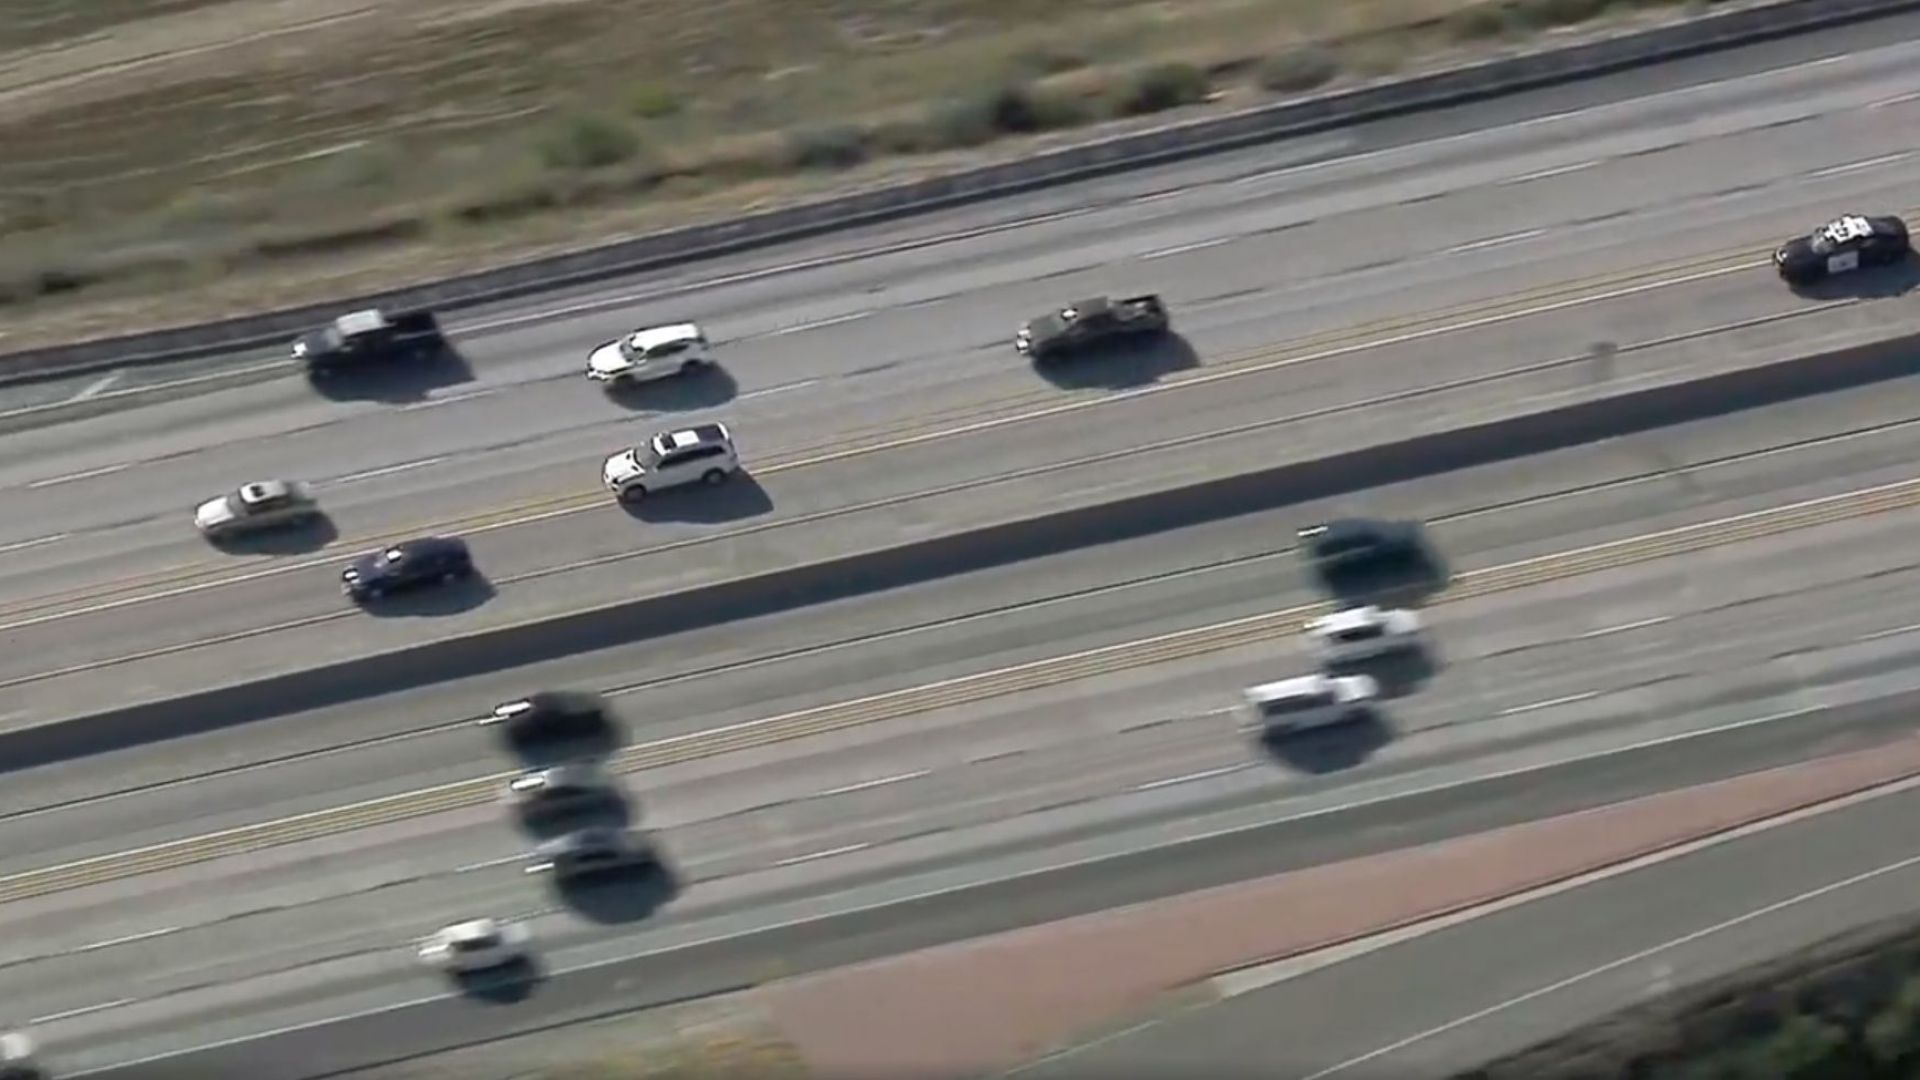 Зрелищна гонка беше заснета по улиците на американския град Лос